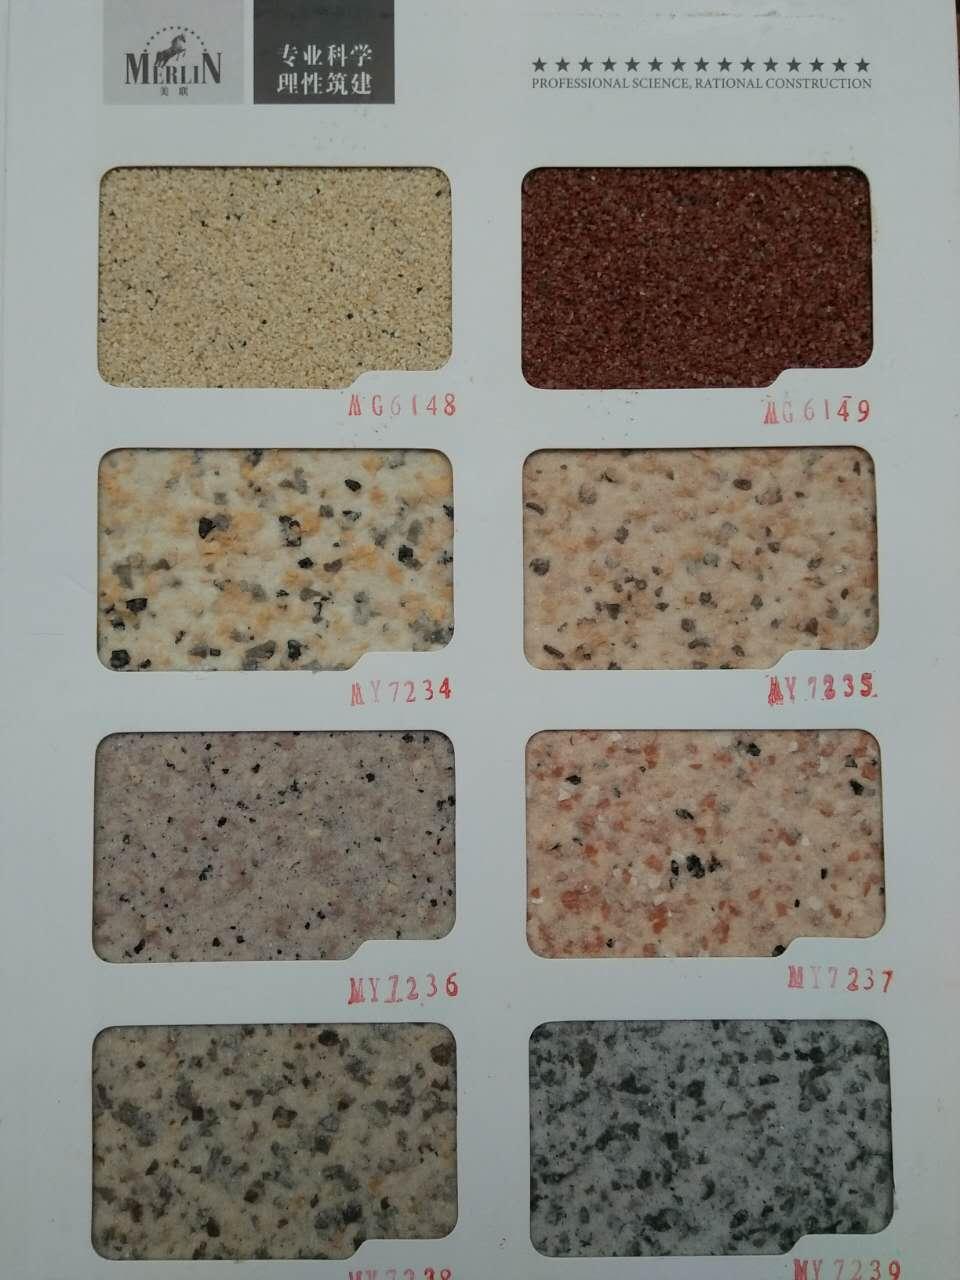 美联天然真石漆产品系列